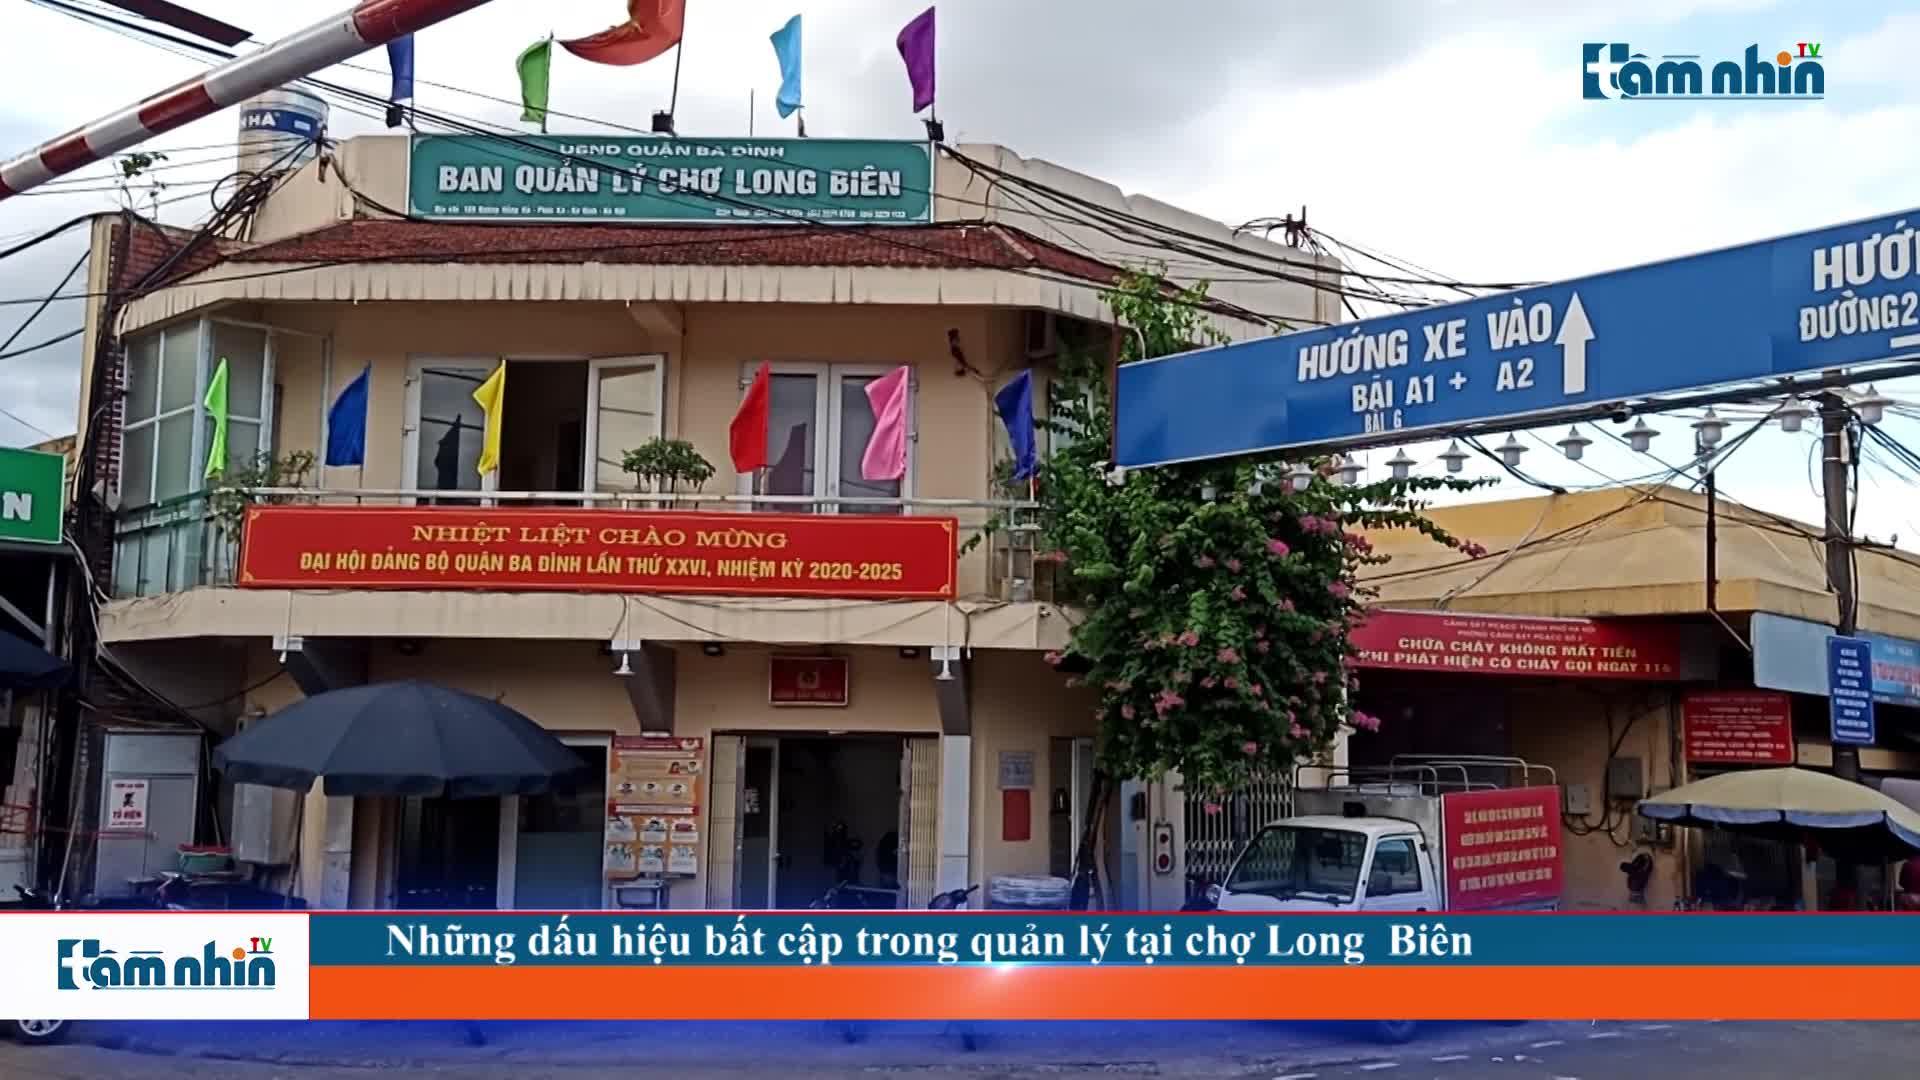 Những dấu hiệu bất cập trong quản lý tại chợ Long Biên